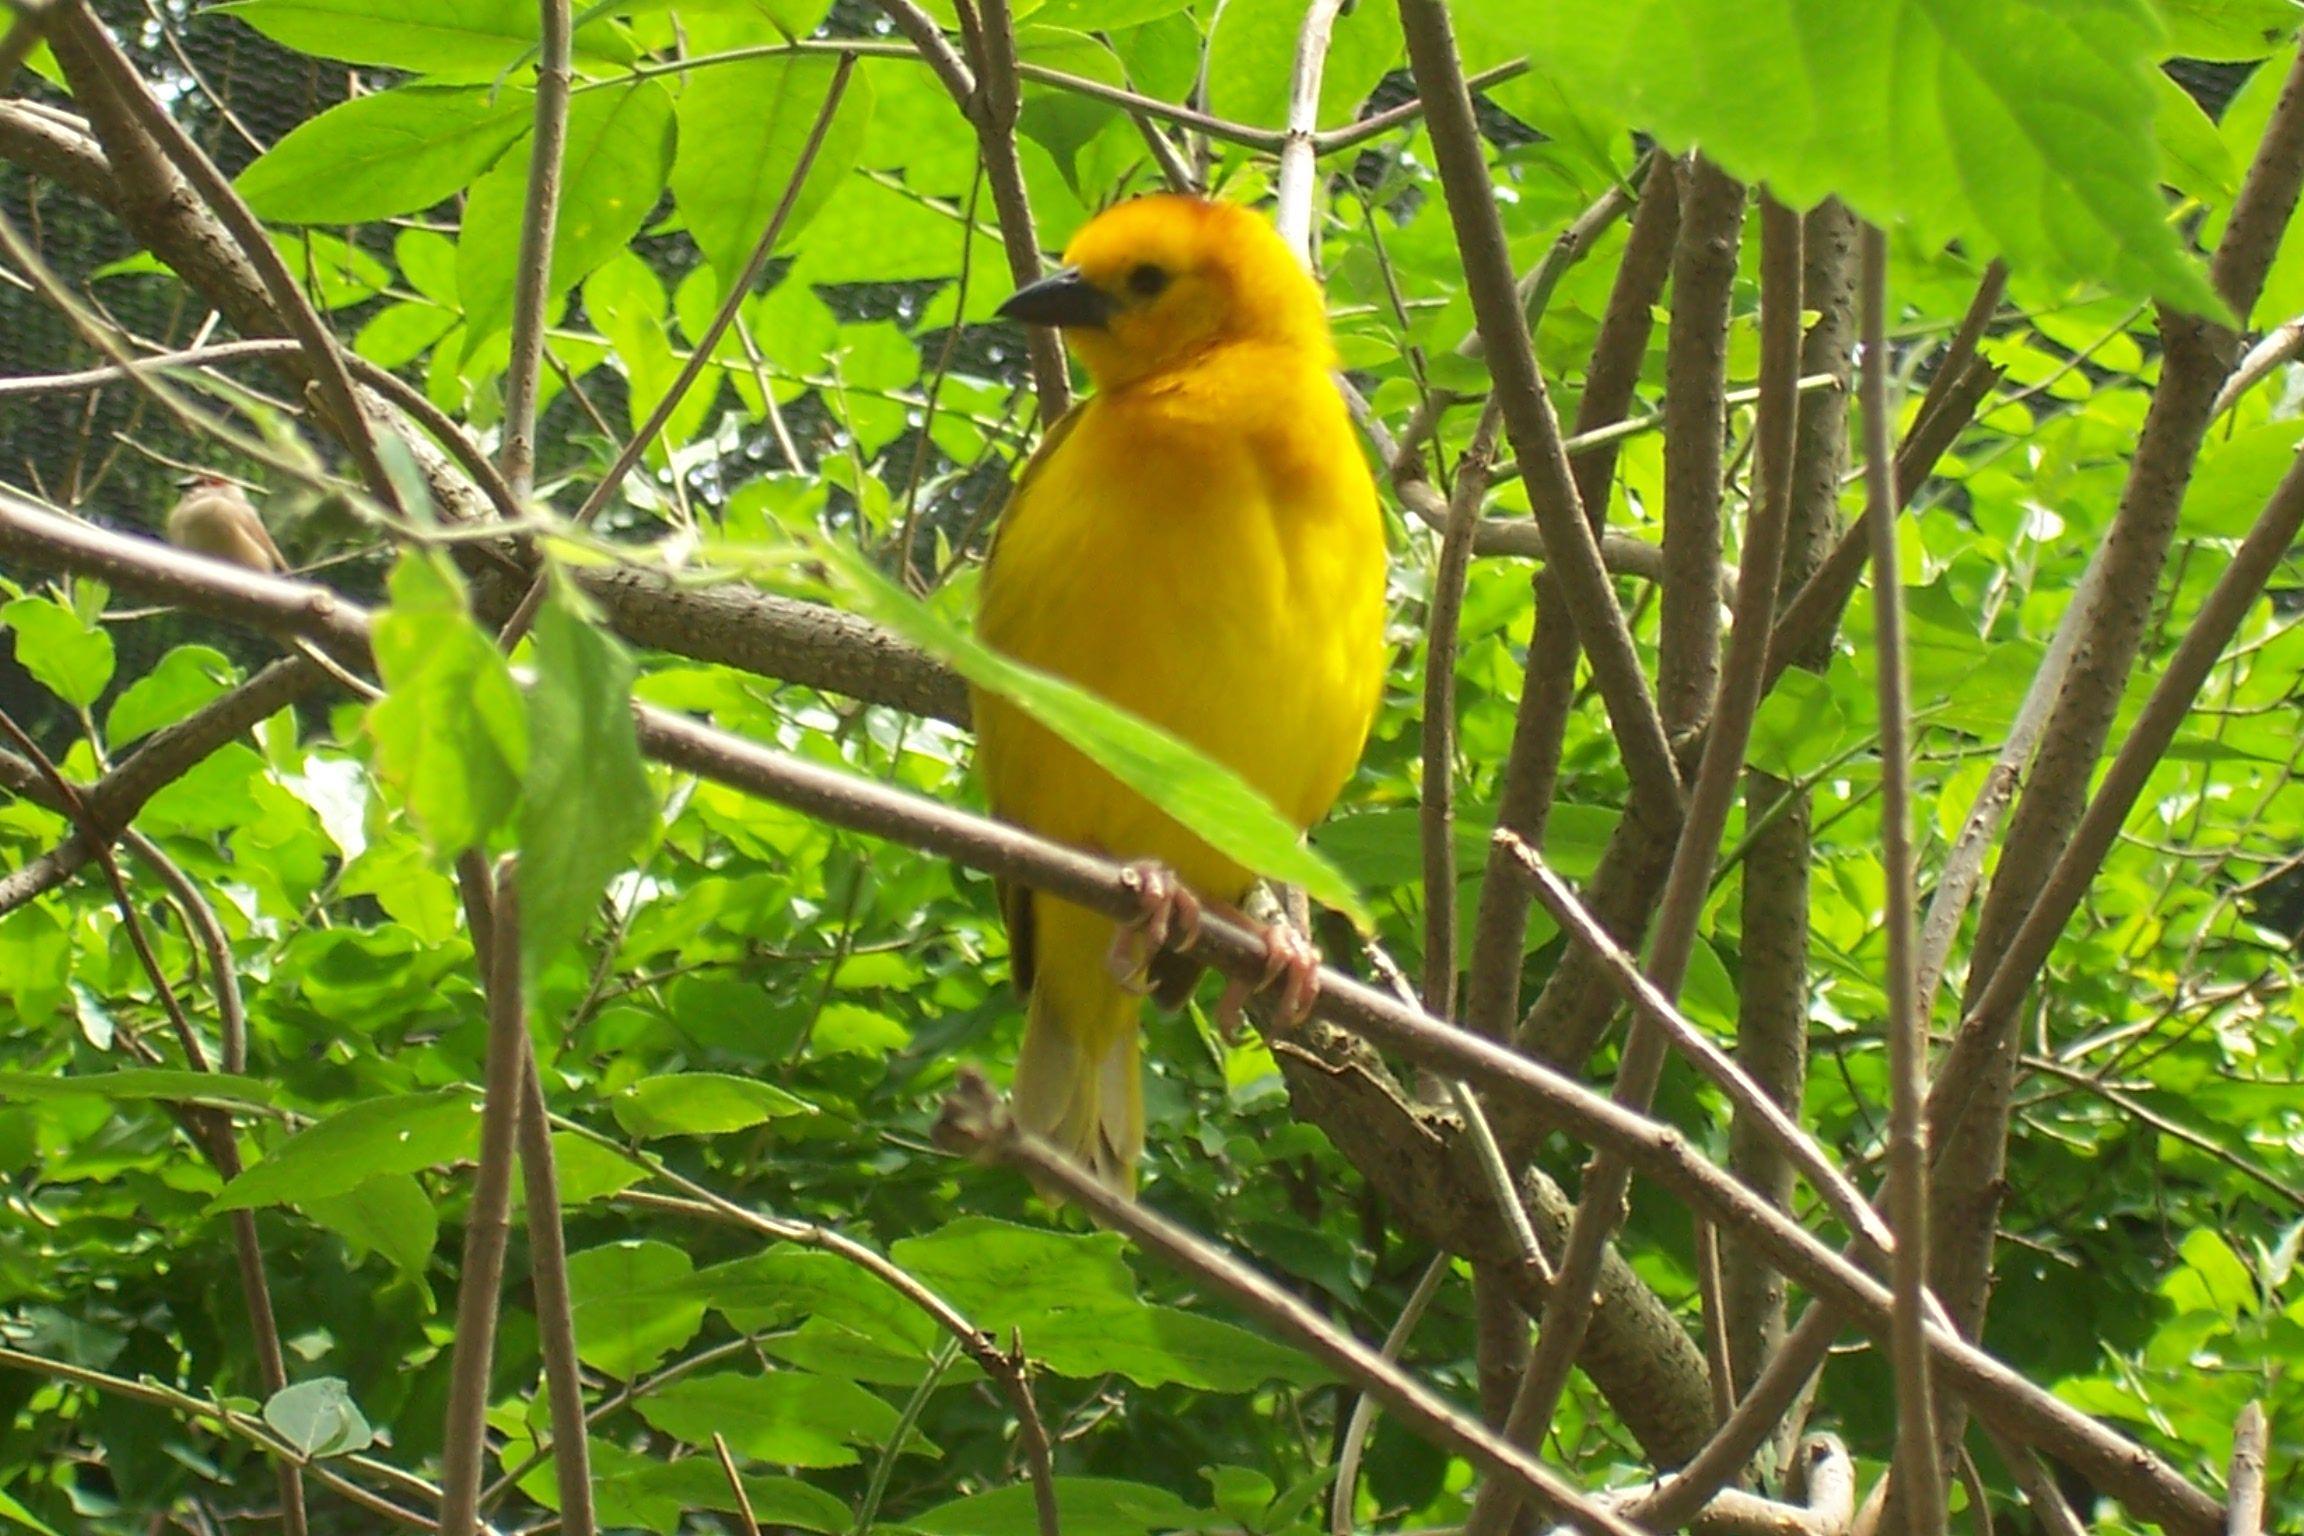 Yellow Bird Yellow Bird High Up In Banana Tree Yellow Bird